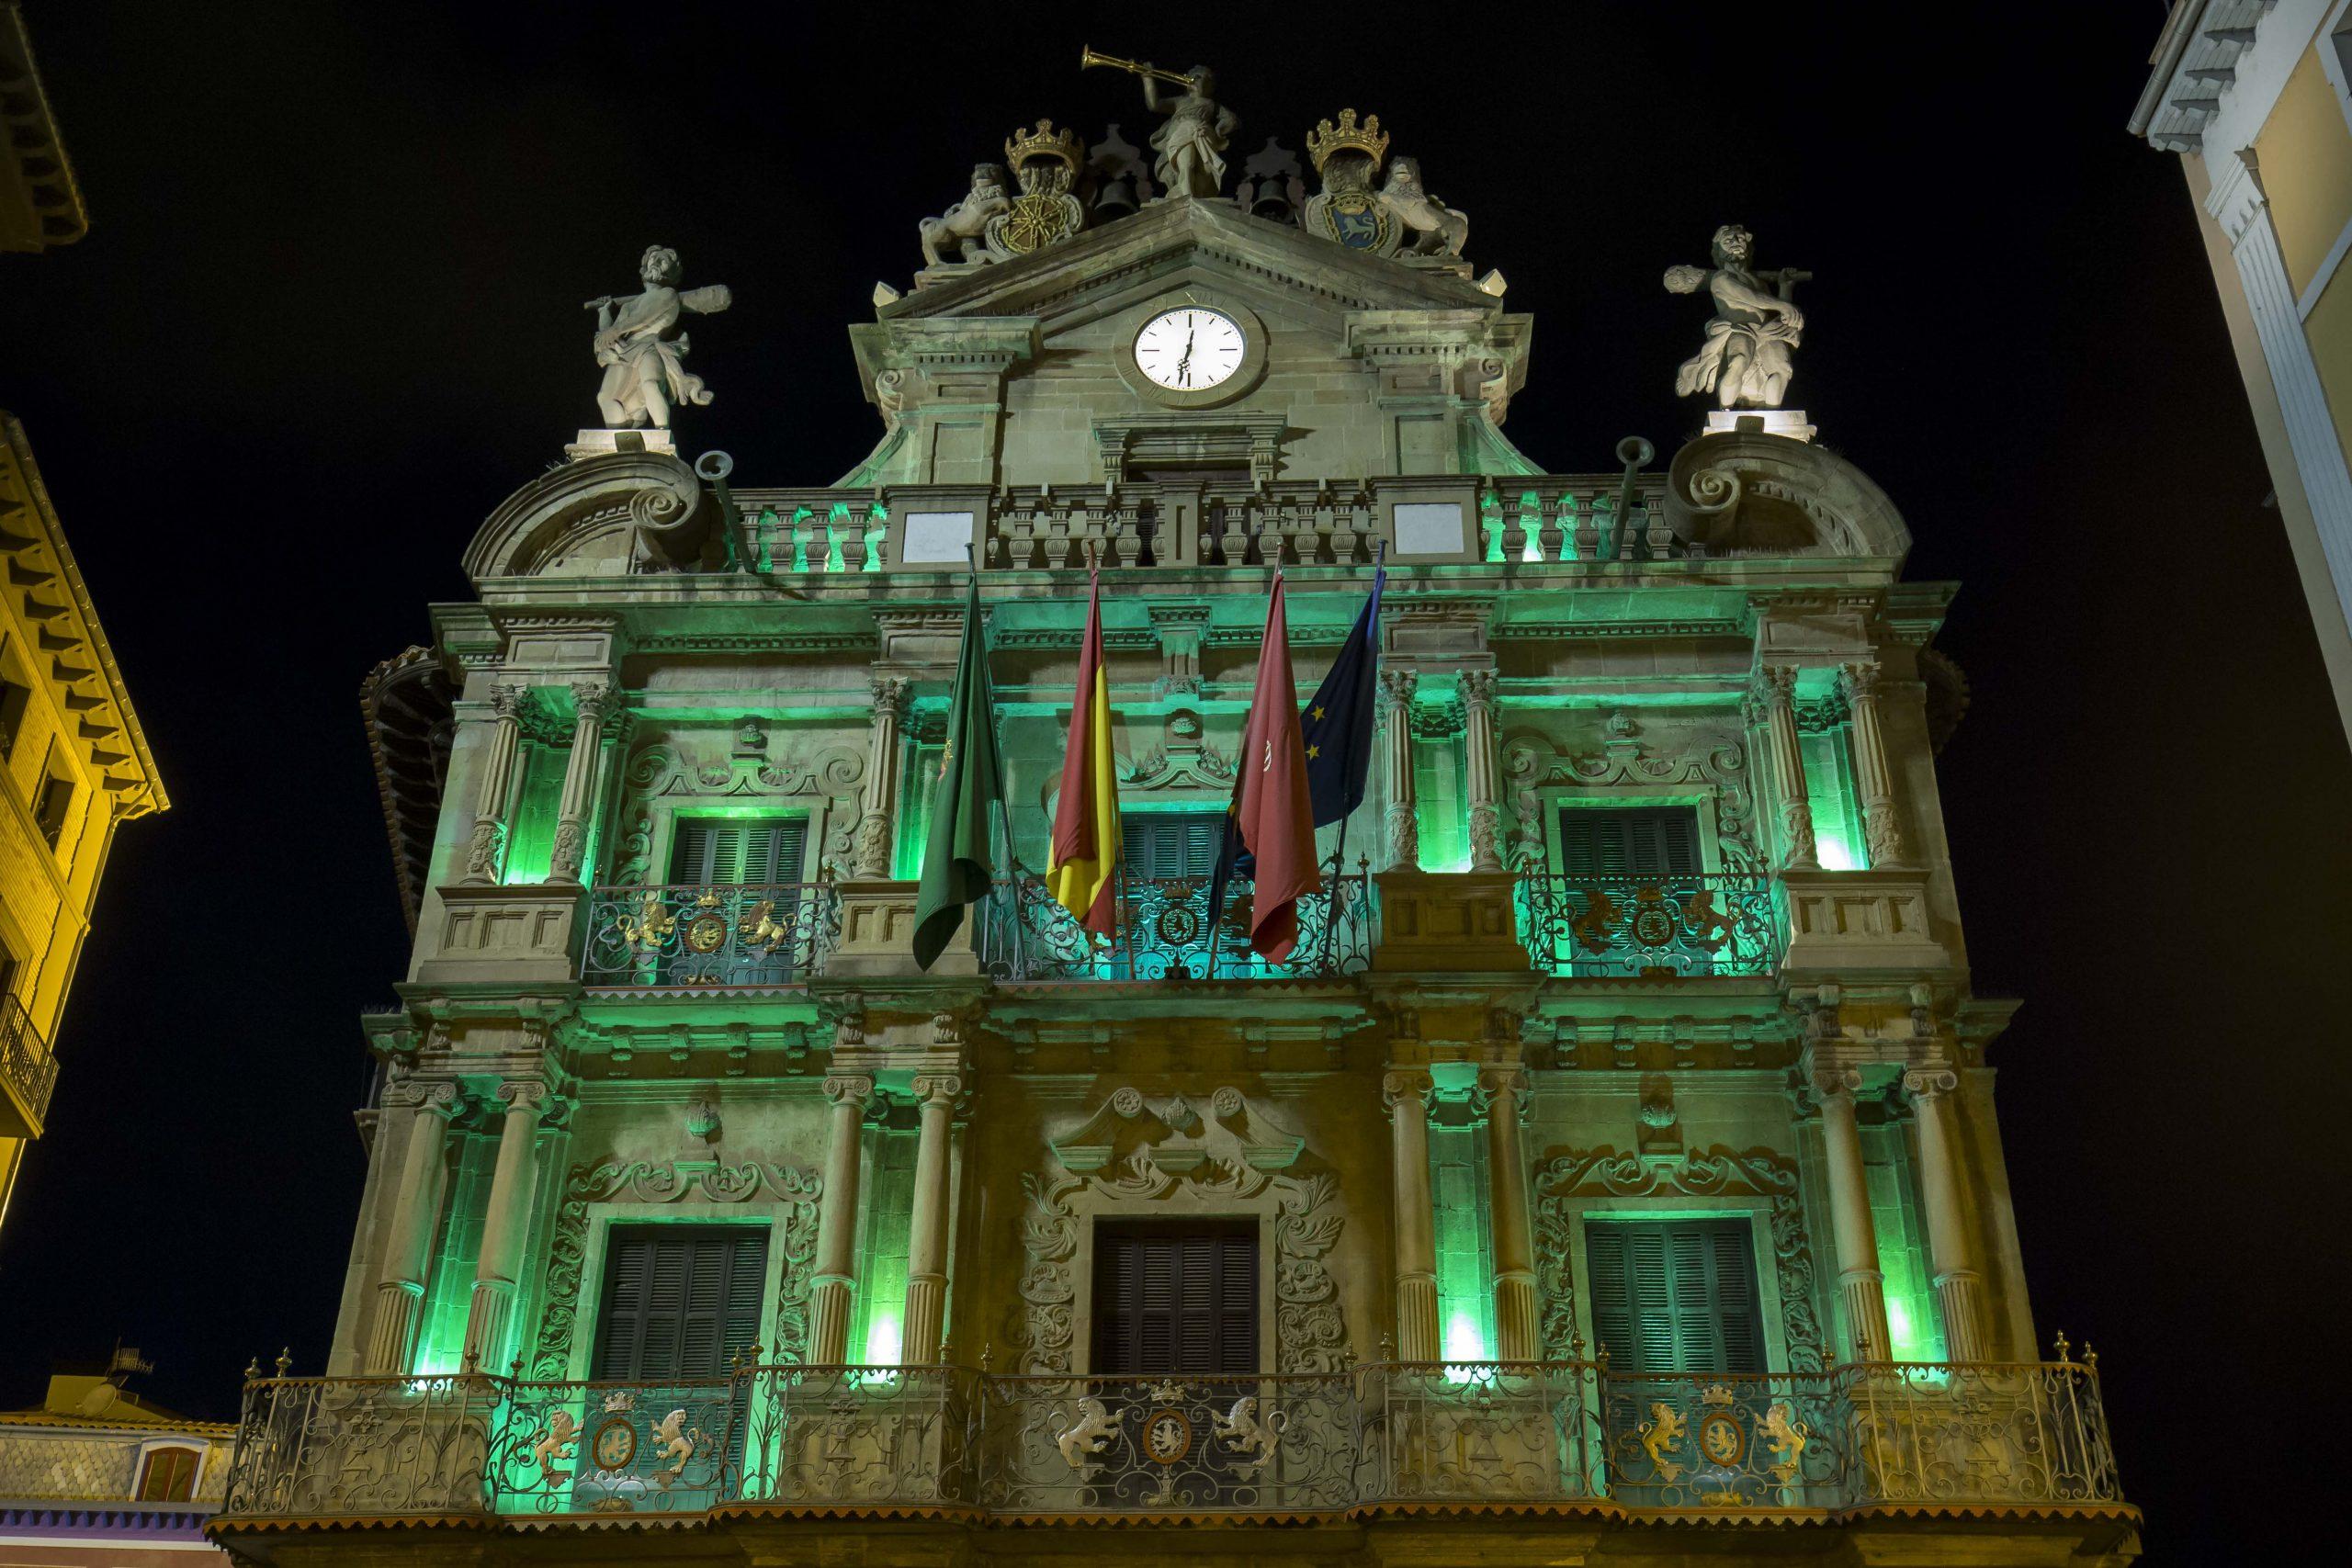 Imagen de la fachada del Ayto. de Pamplona iluminada en verde